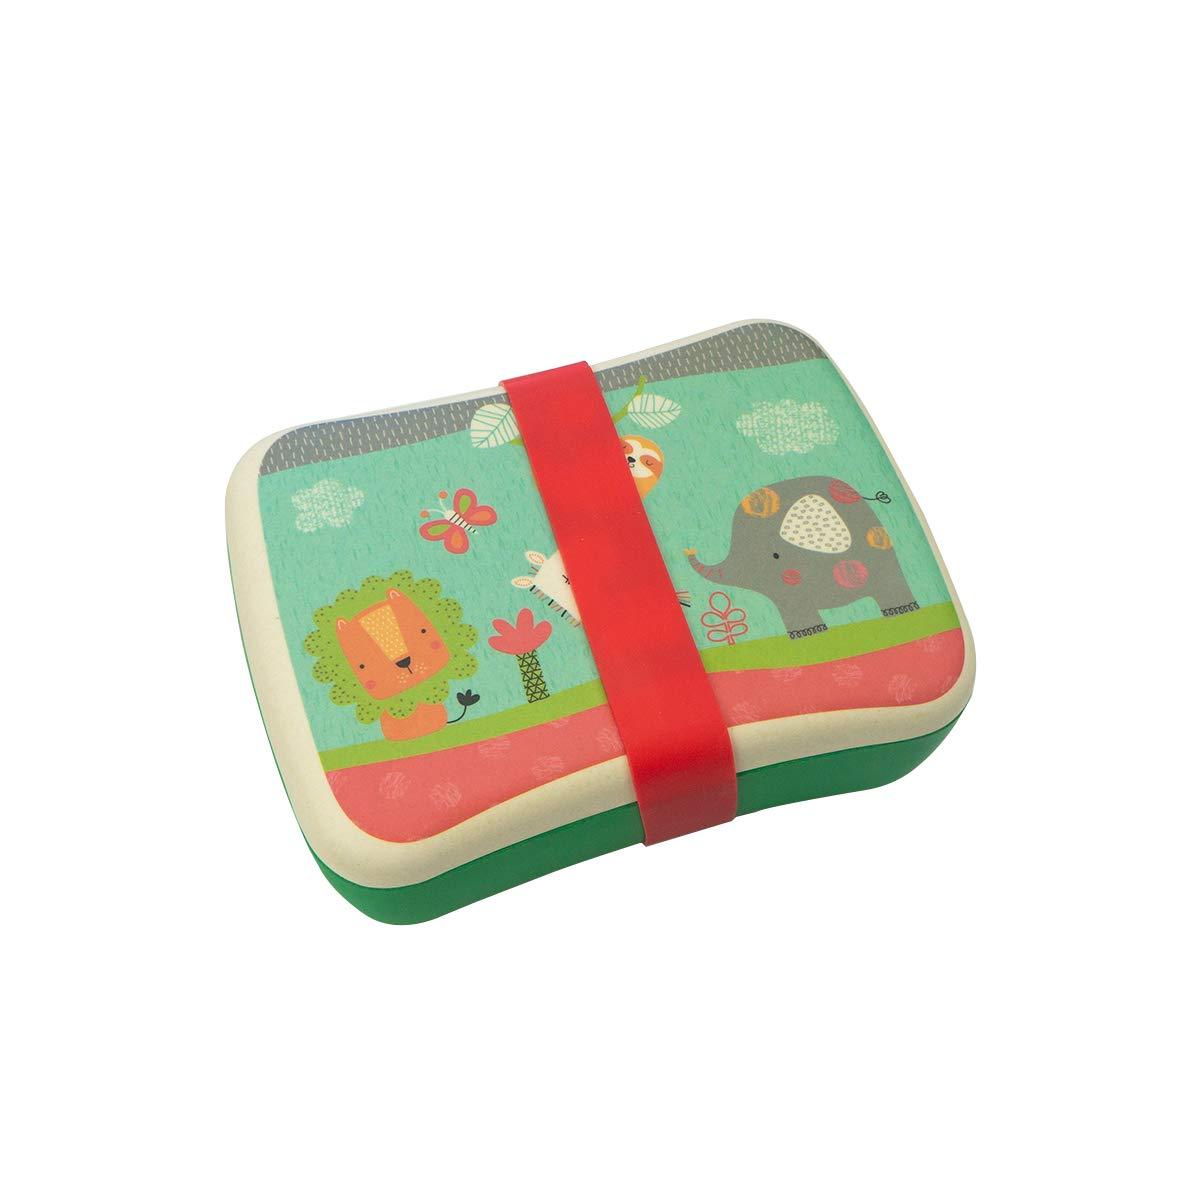 Fiambrera,Tupper,lonchera infantil,Fibra de Bambú,Conjunto Sandwichera y Tupper de bambú.ideal para infantil niños y bebé,Material ecológico sin BPA, ...